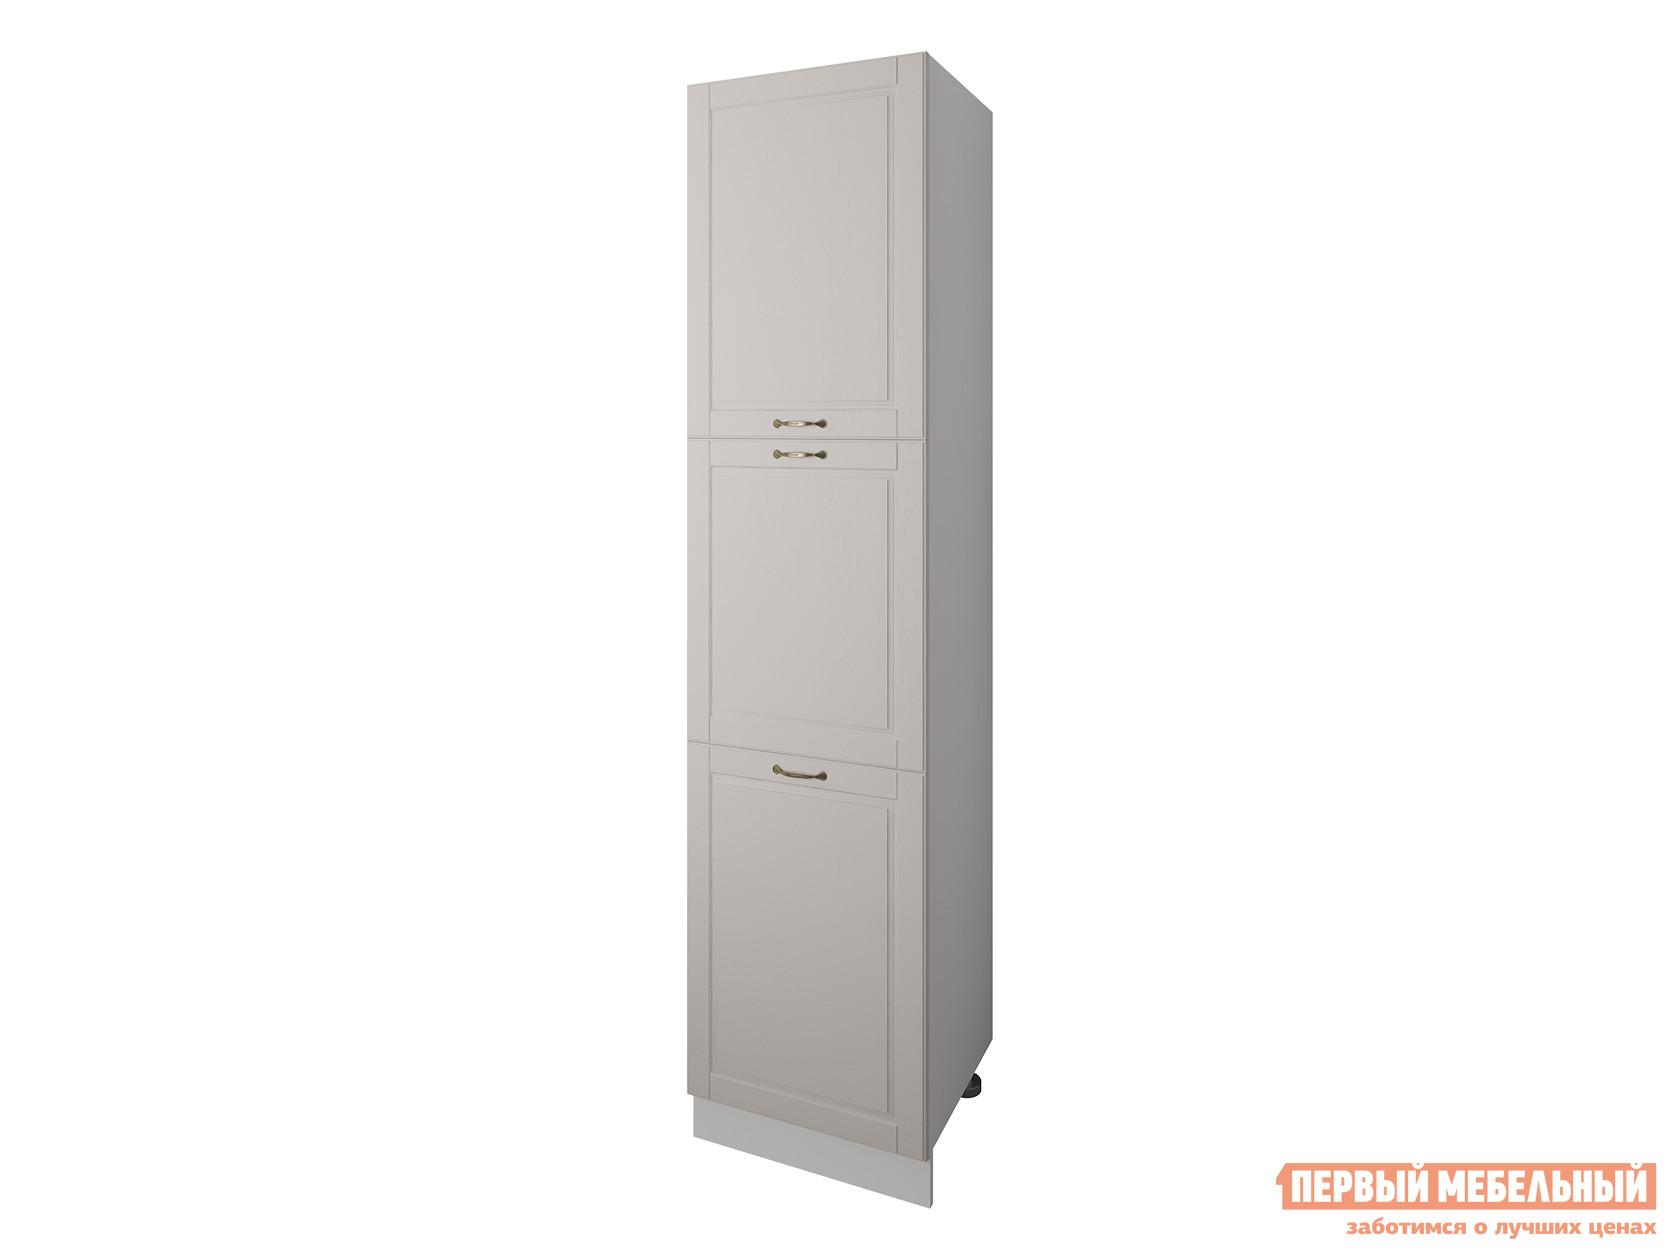 Кухонный модуль Пенал Н=200 см 3 двери 50 см Палермо Мускат фото